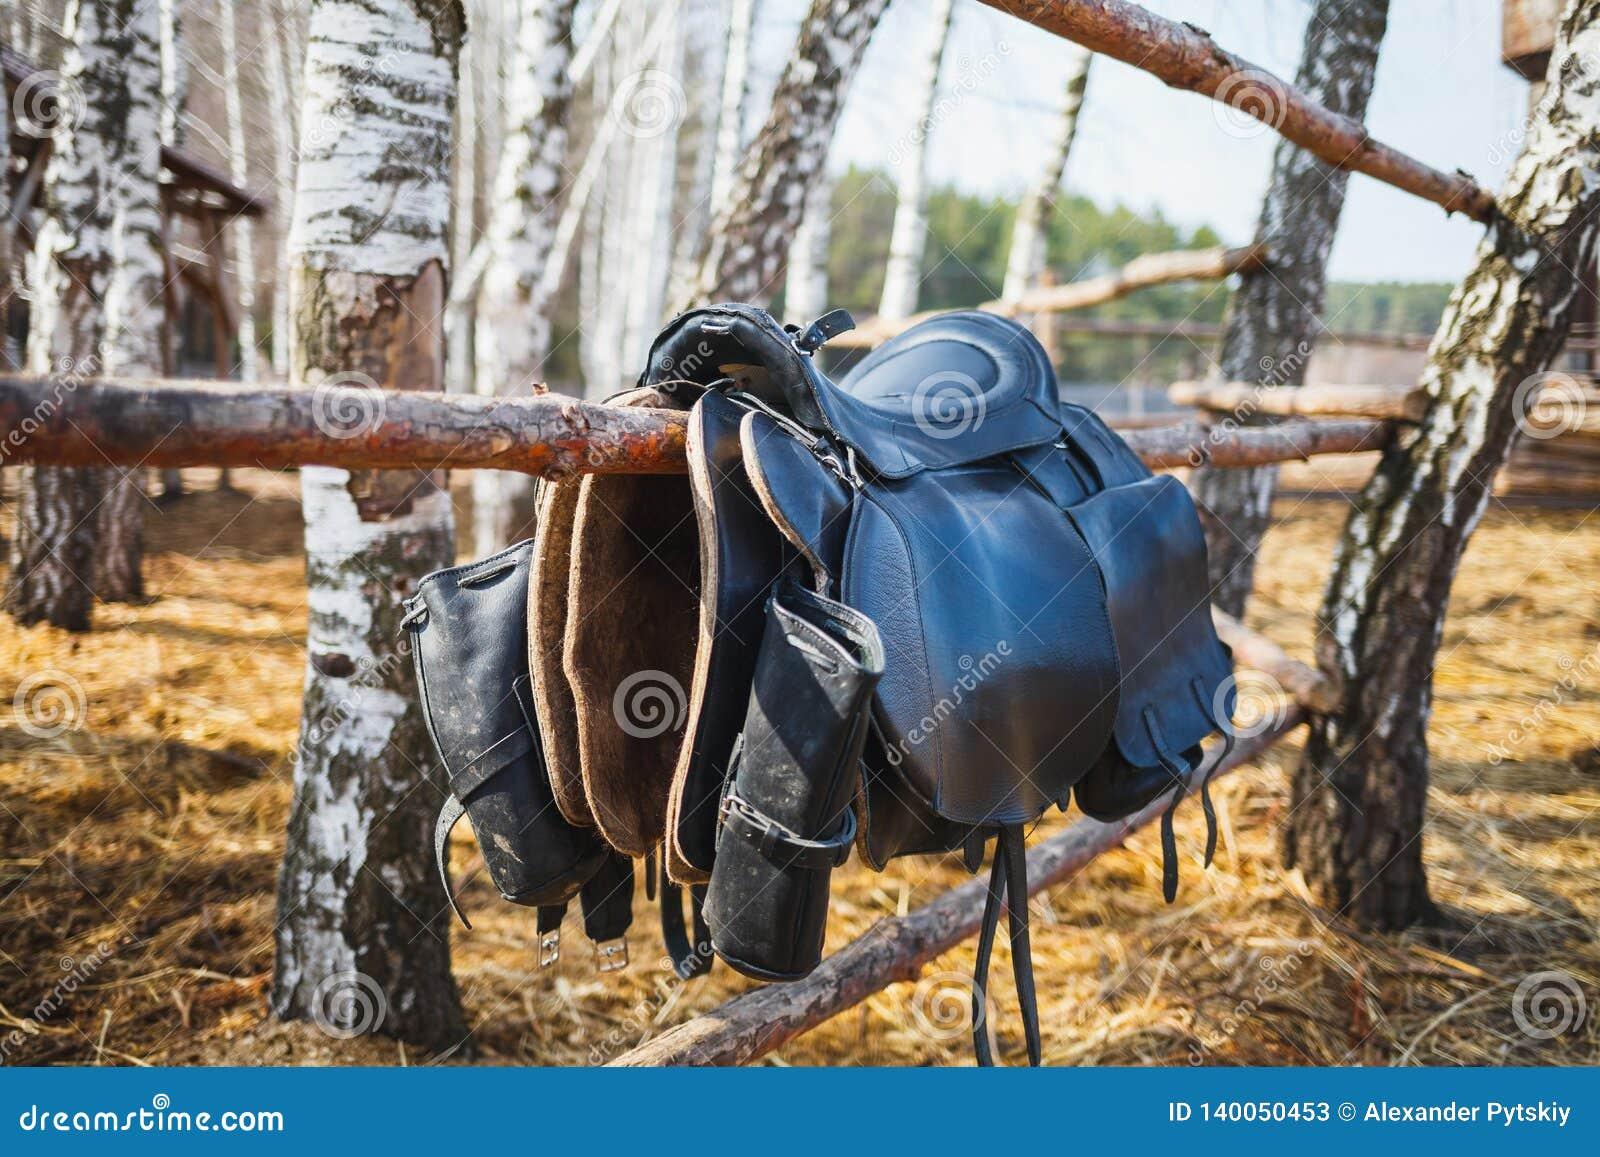 Equestrian comber z kieszeniami wiesza na ogrodzeniu przy stadniny gospodarstwem rolnym